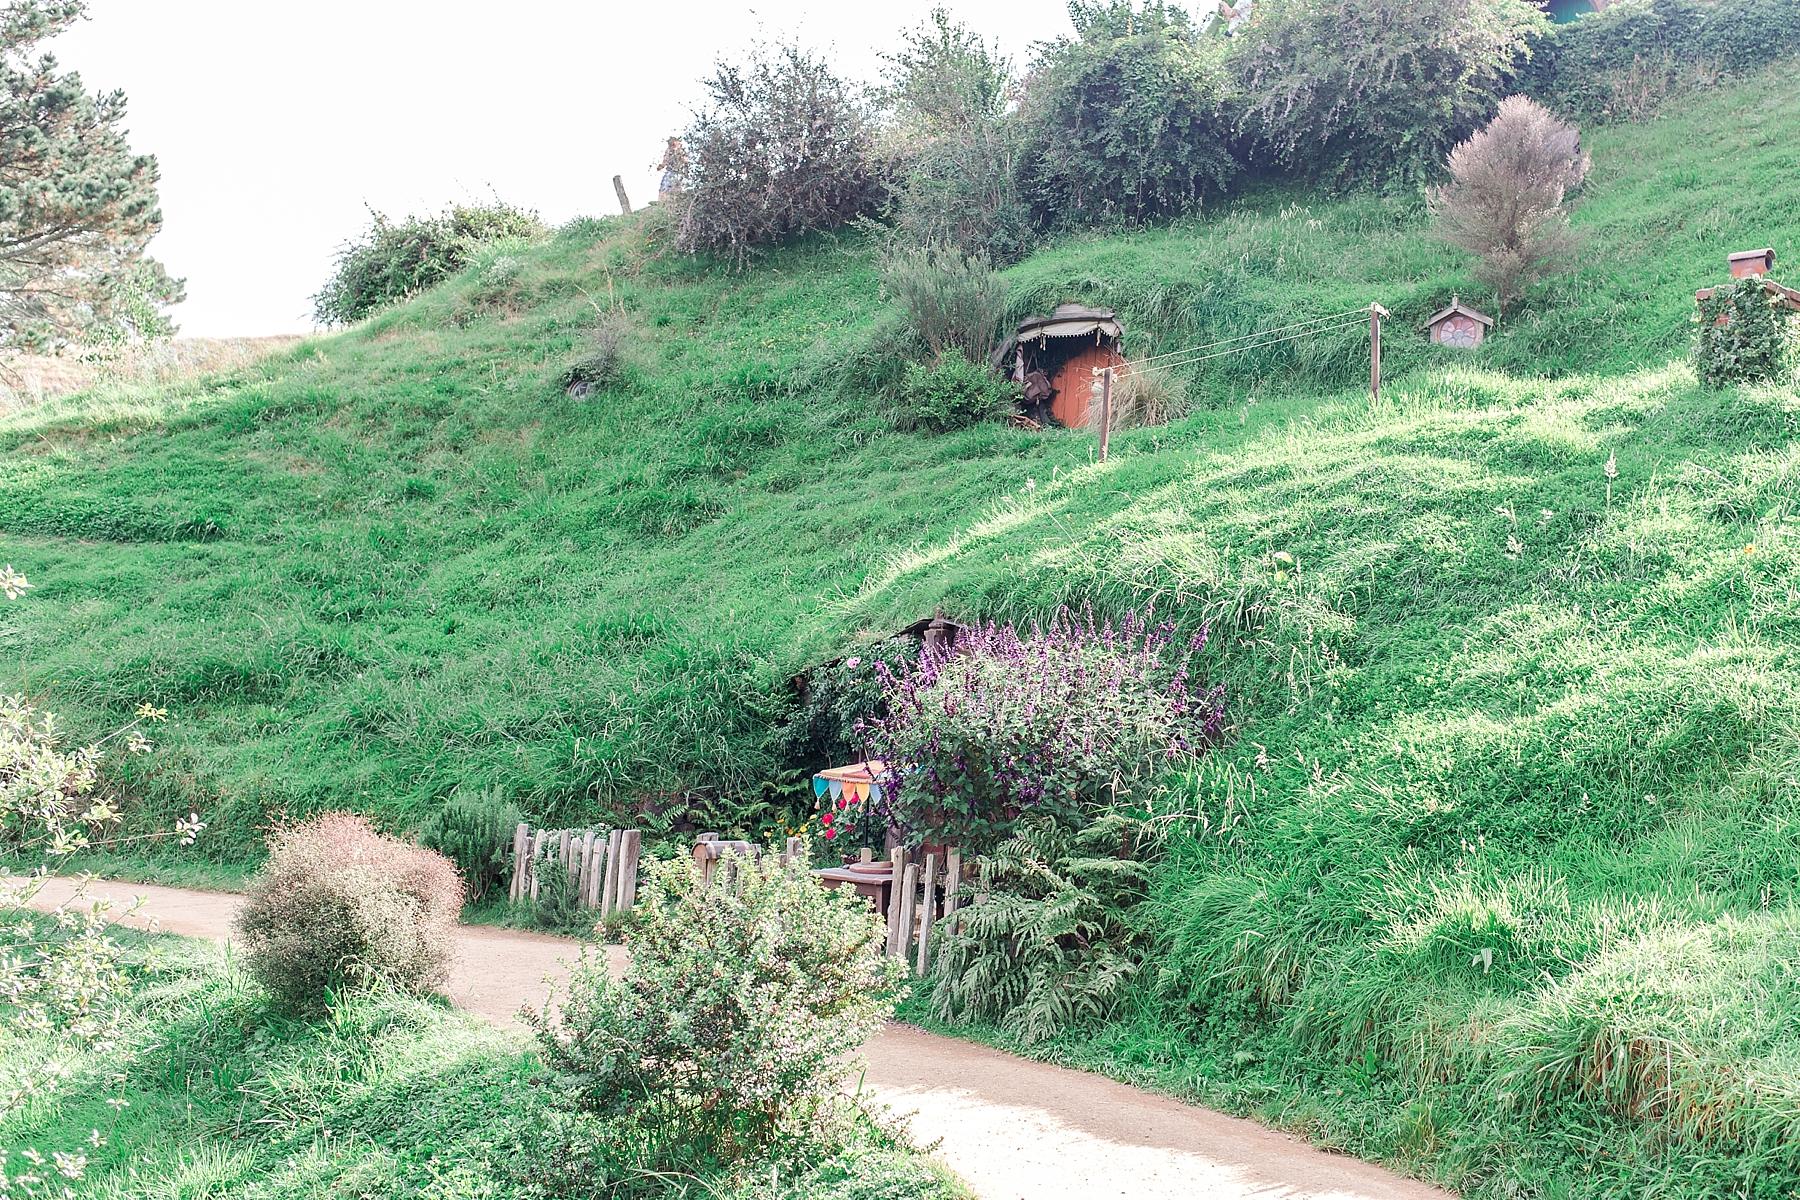 hobbiton-movie-set-matamata-hamilton-north-island-new-zealand-scenery_0255.jpg